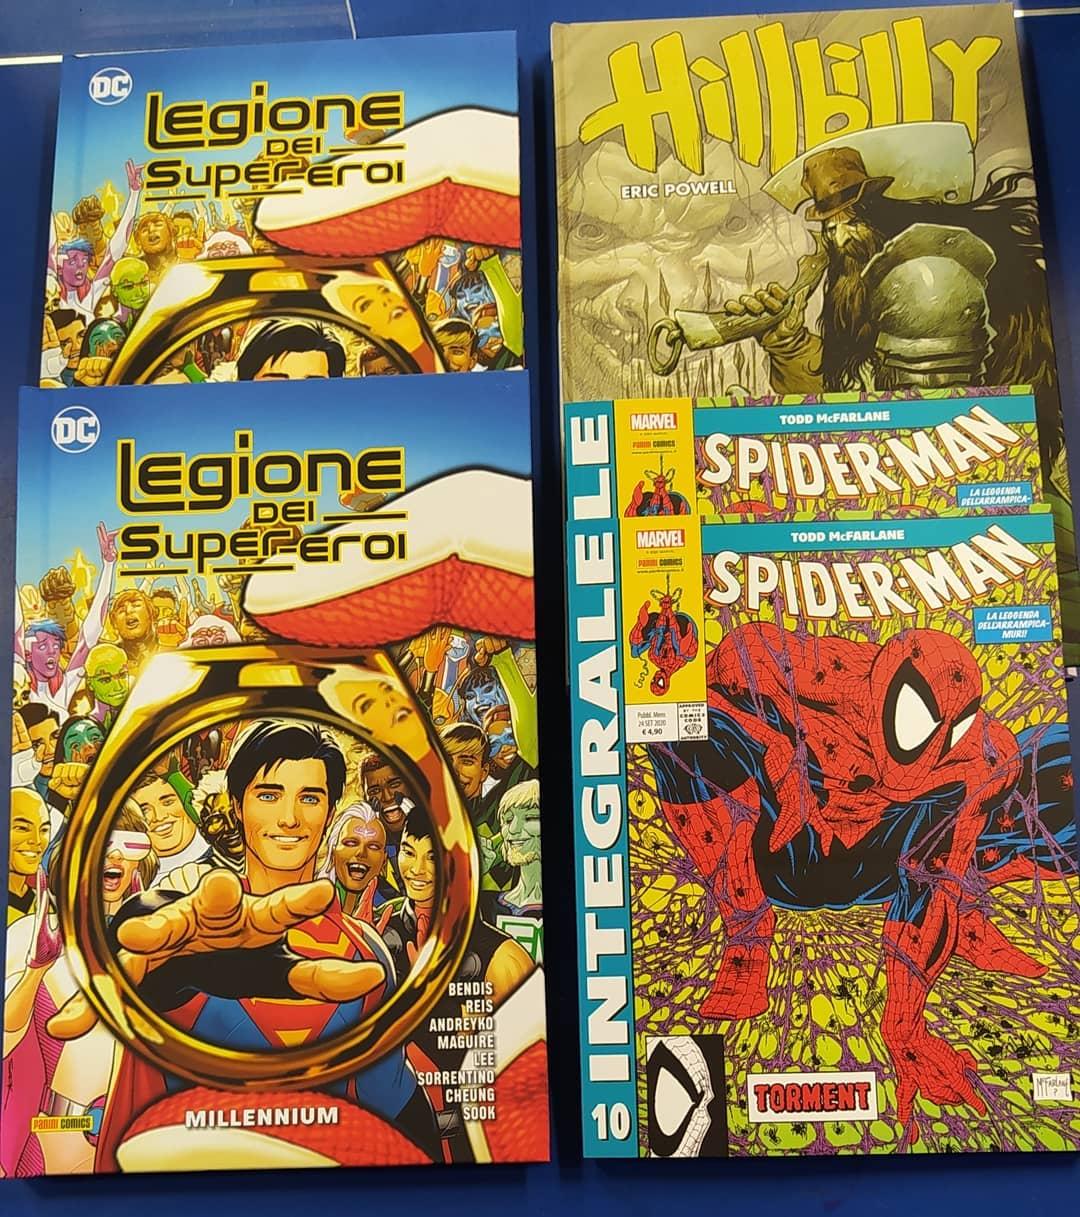 Panini comics e DC legione supereroi hillbilly spiderman nuove 22 settembre 2020